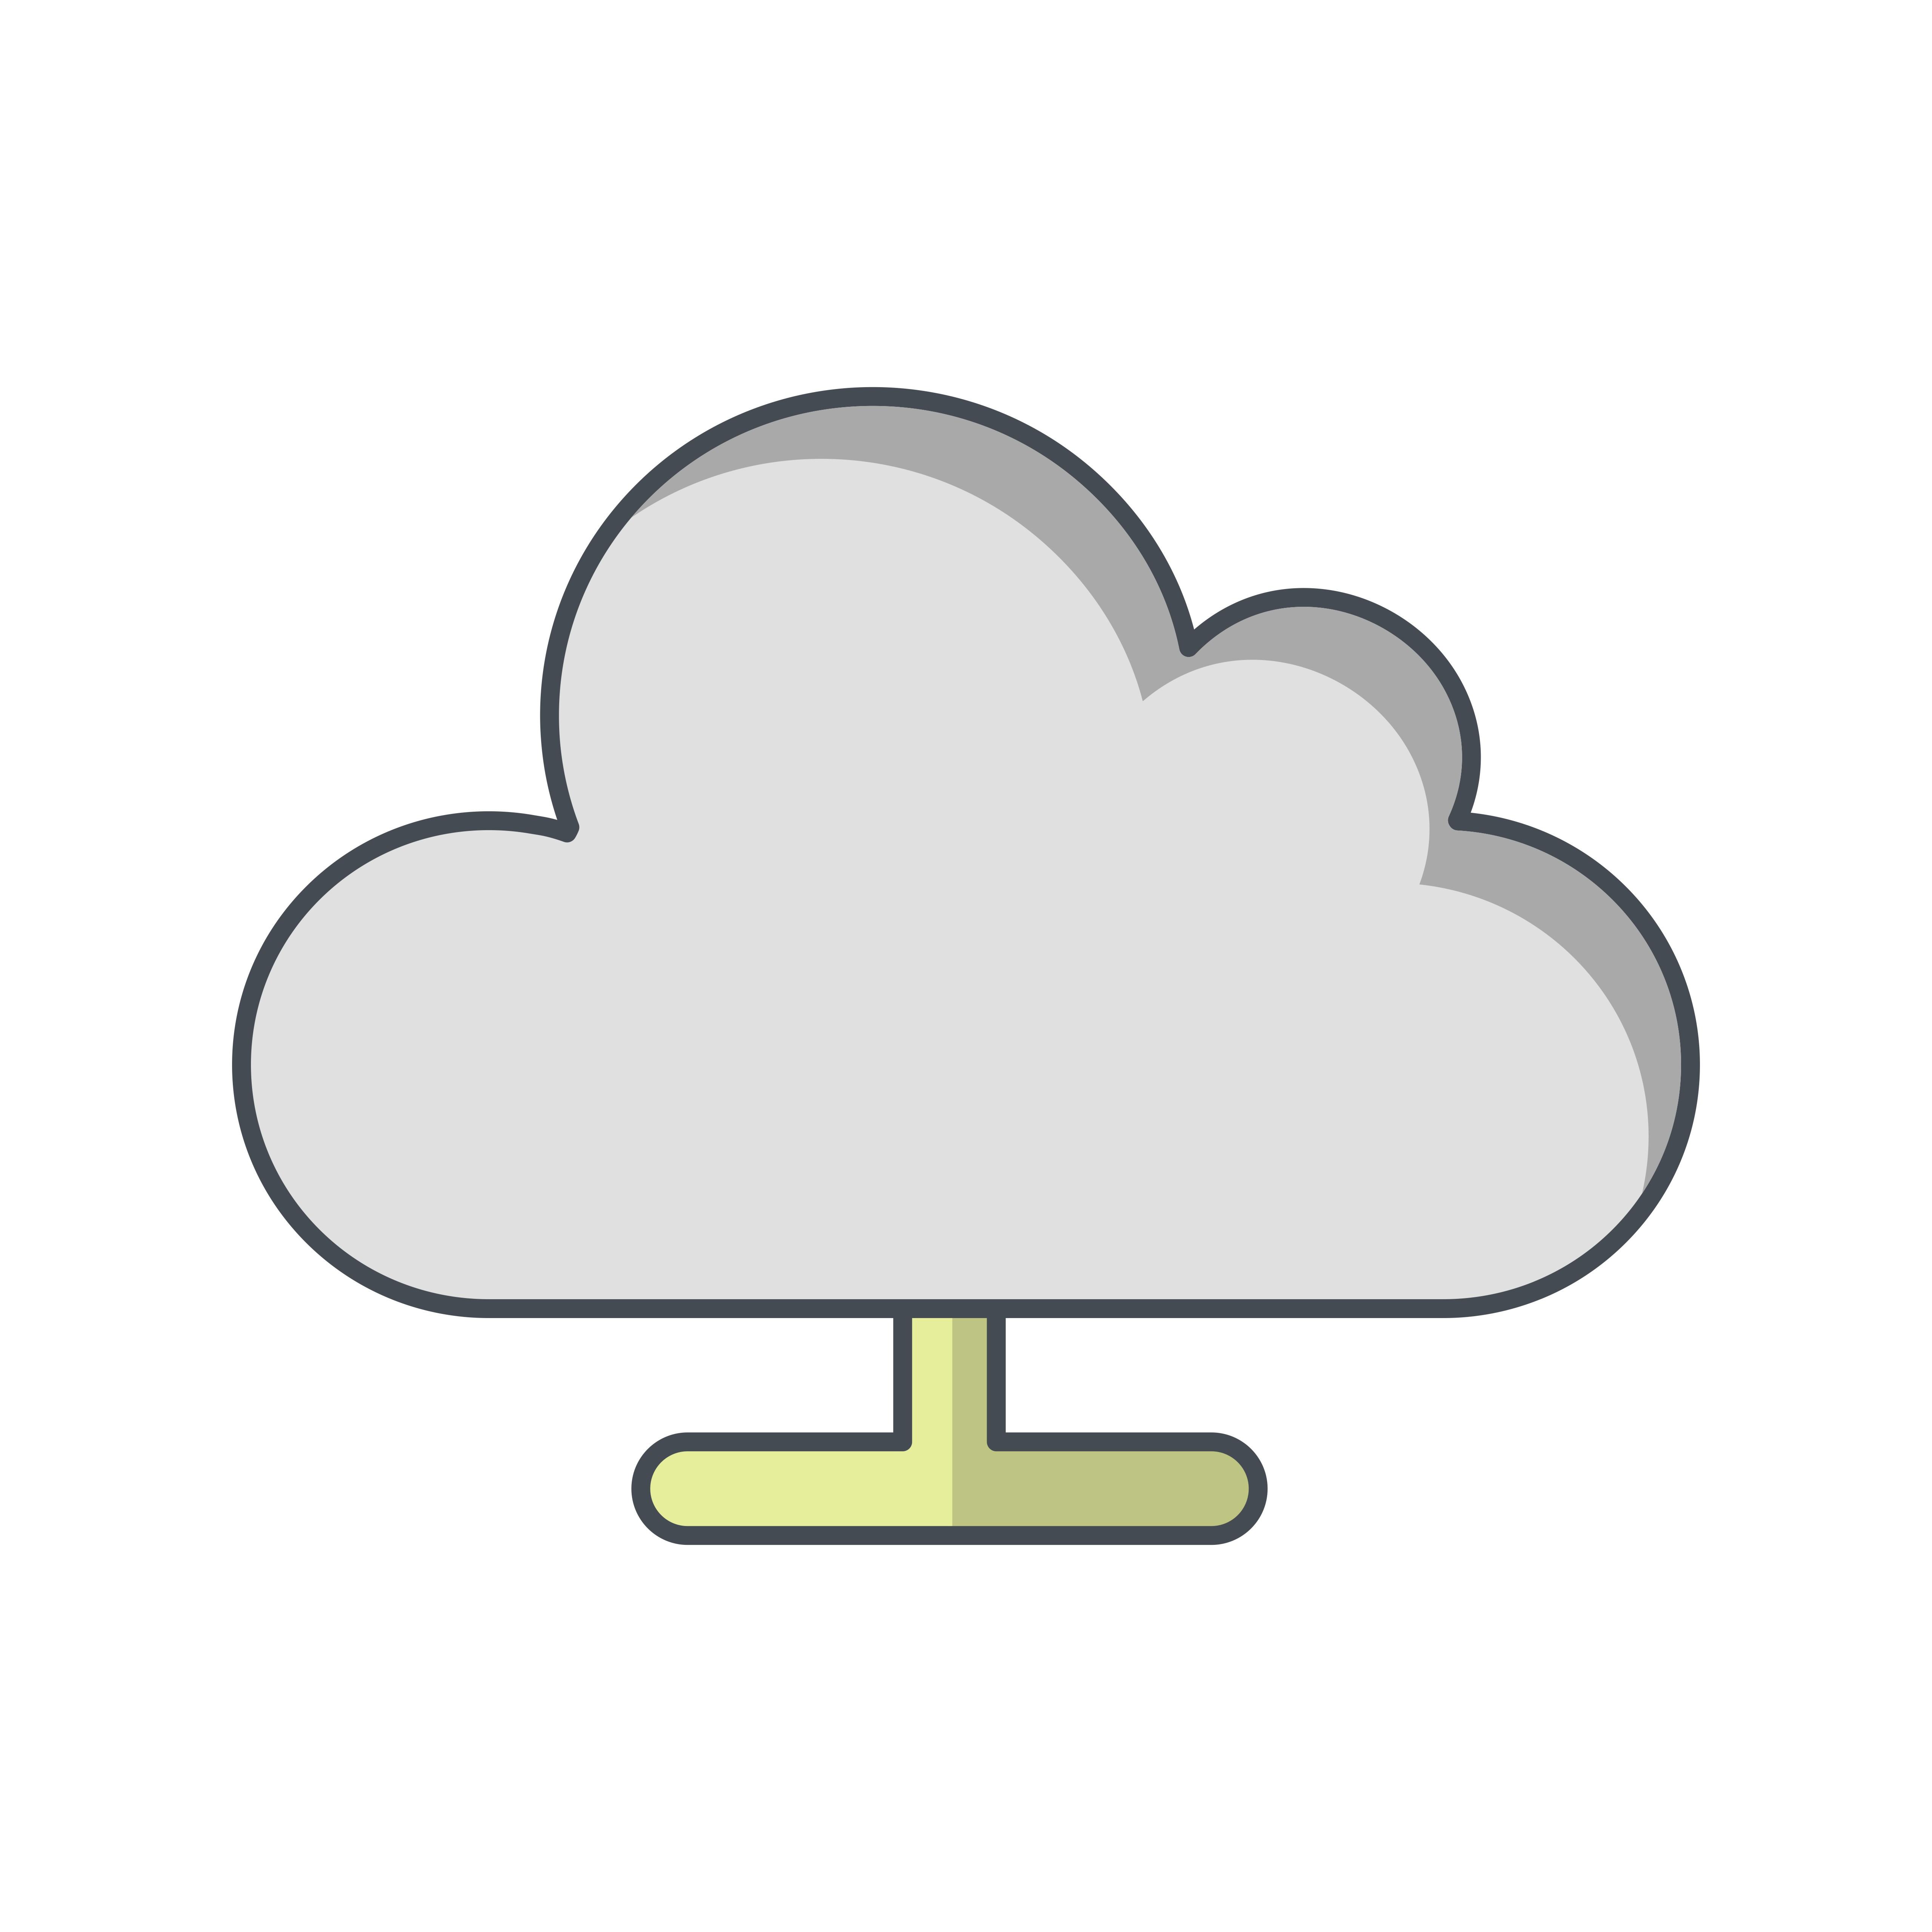 雲icon